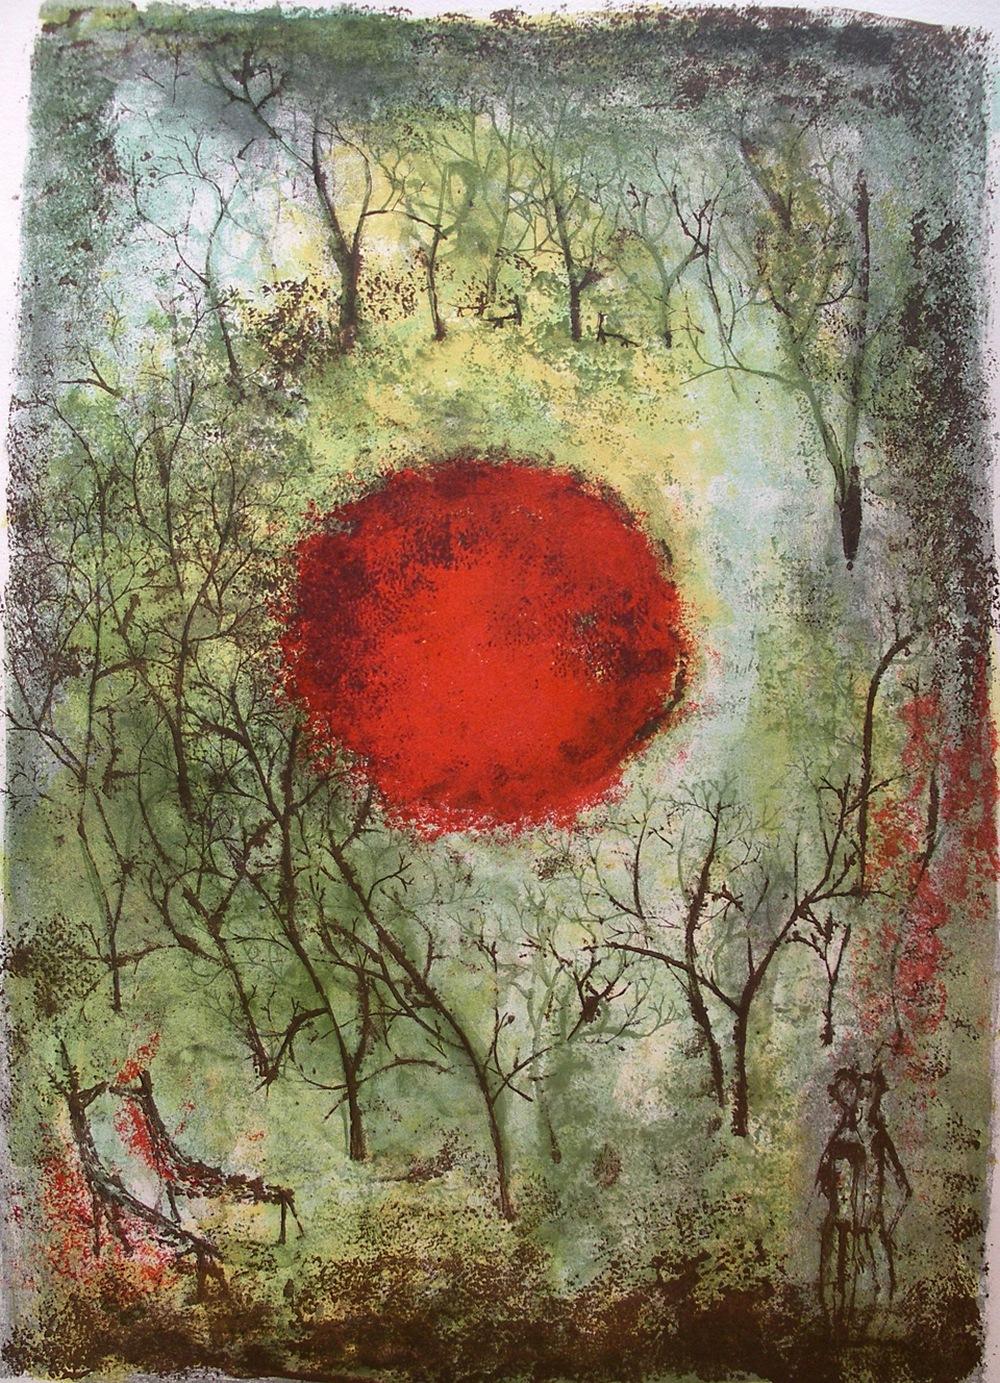 Картины Чжао Уцзи художник Zao Wou-Ki 2